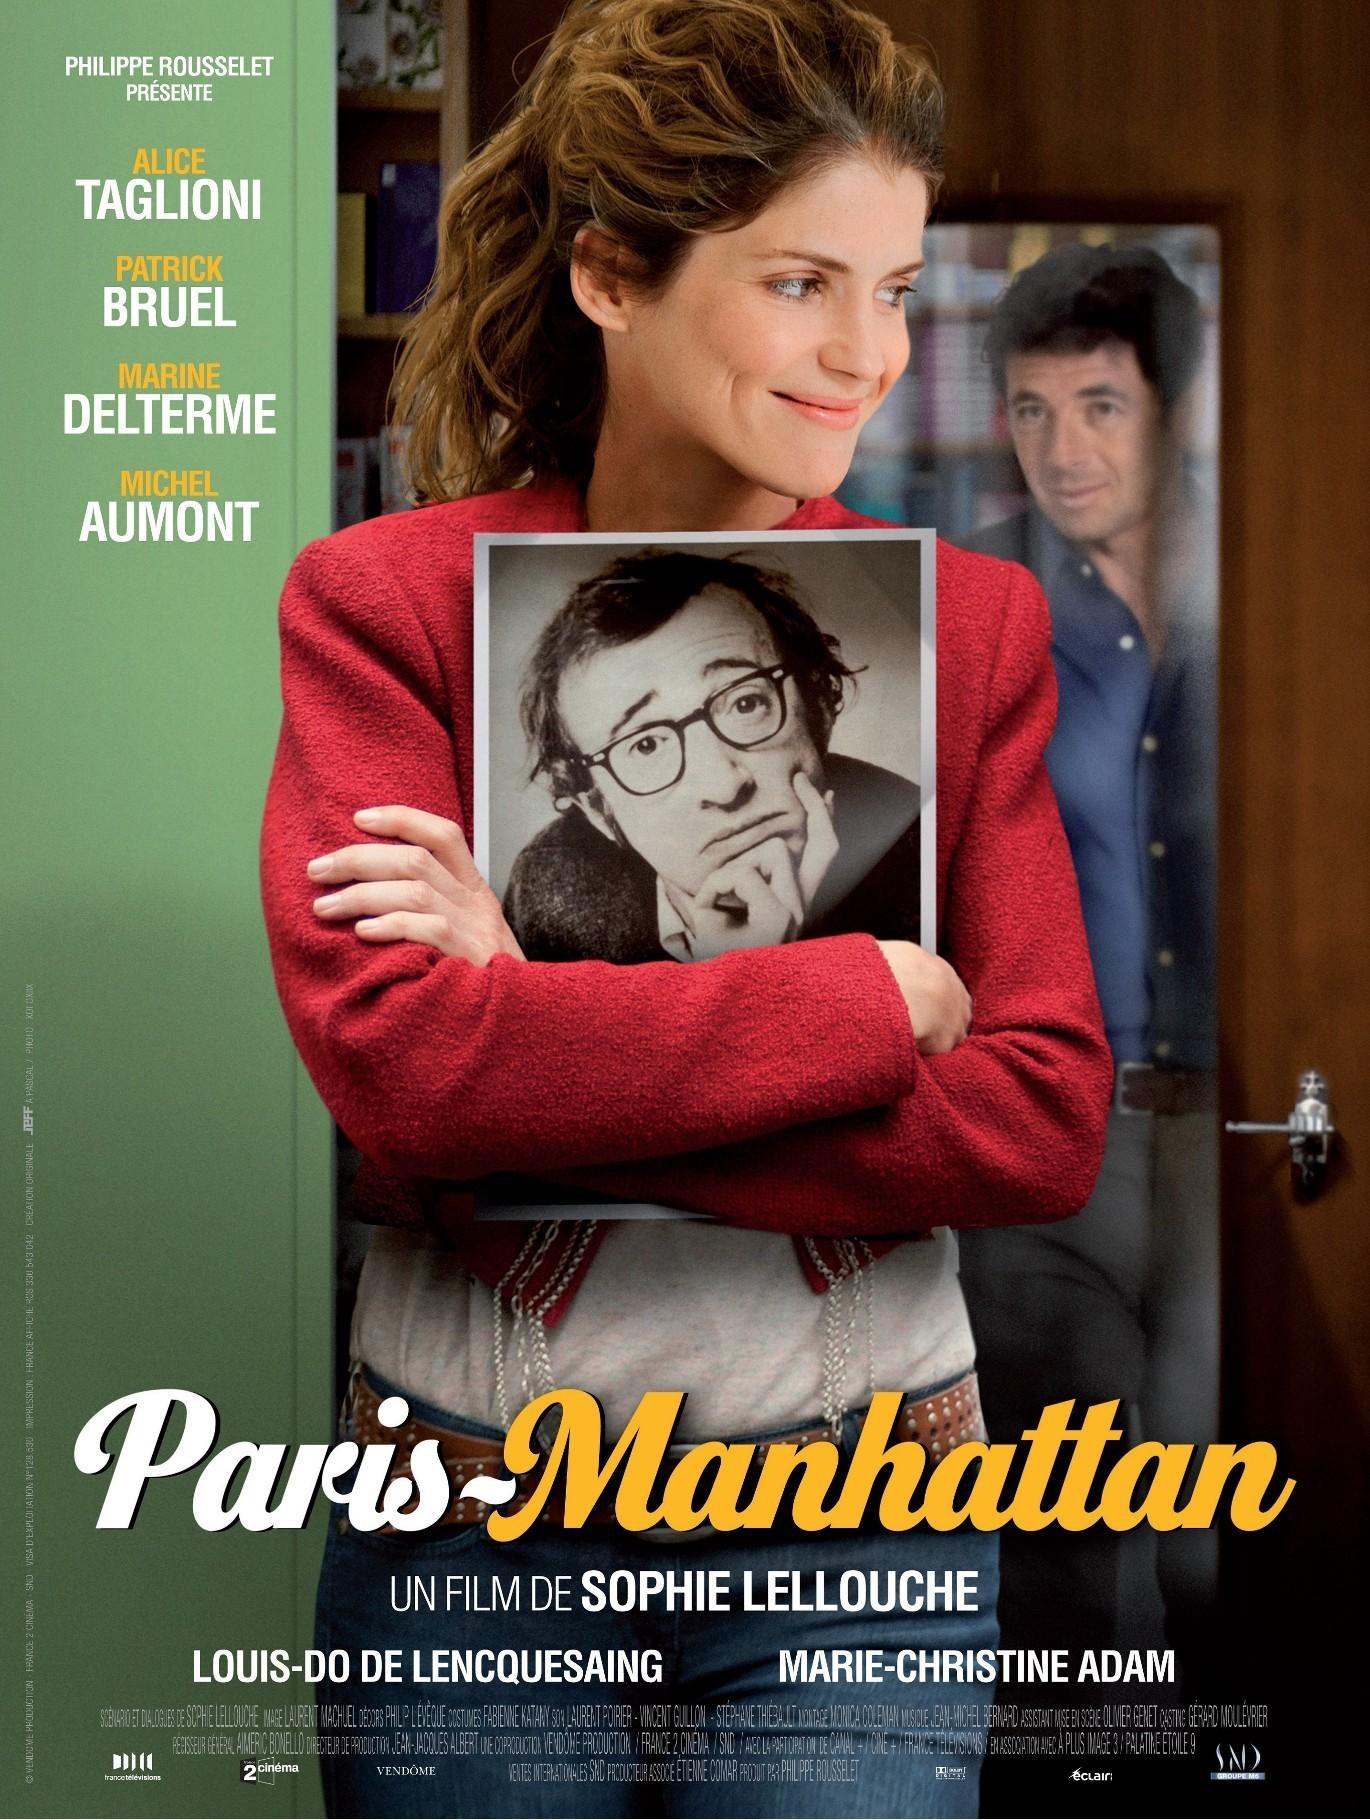 affiche du film Paris-Manhattan